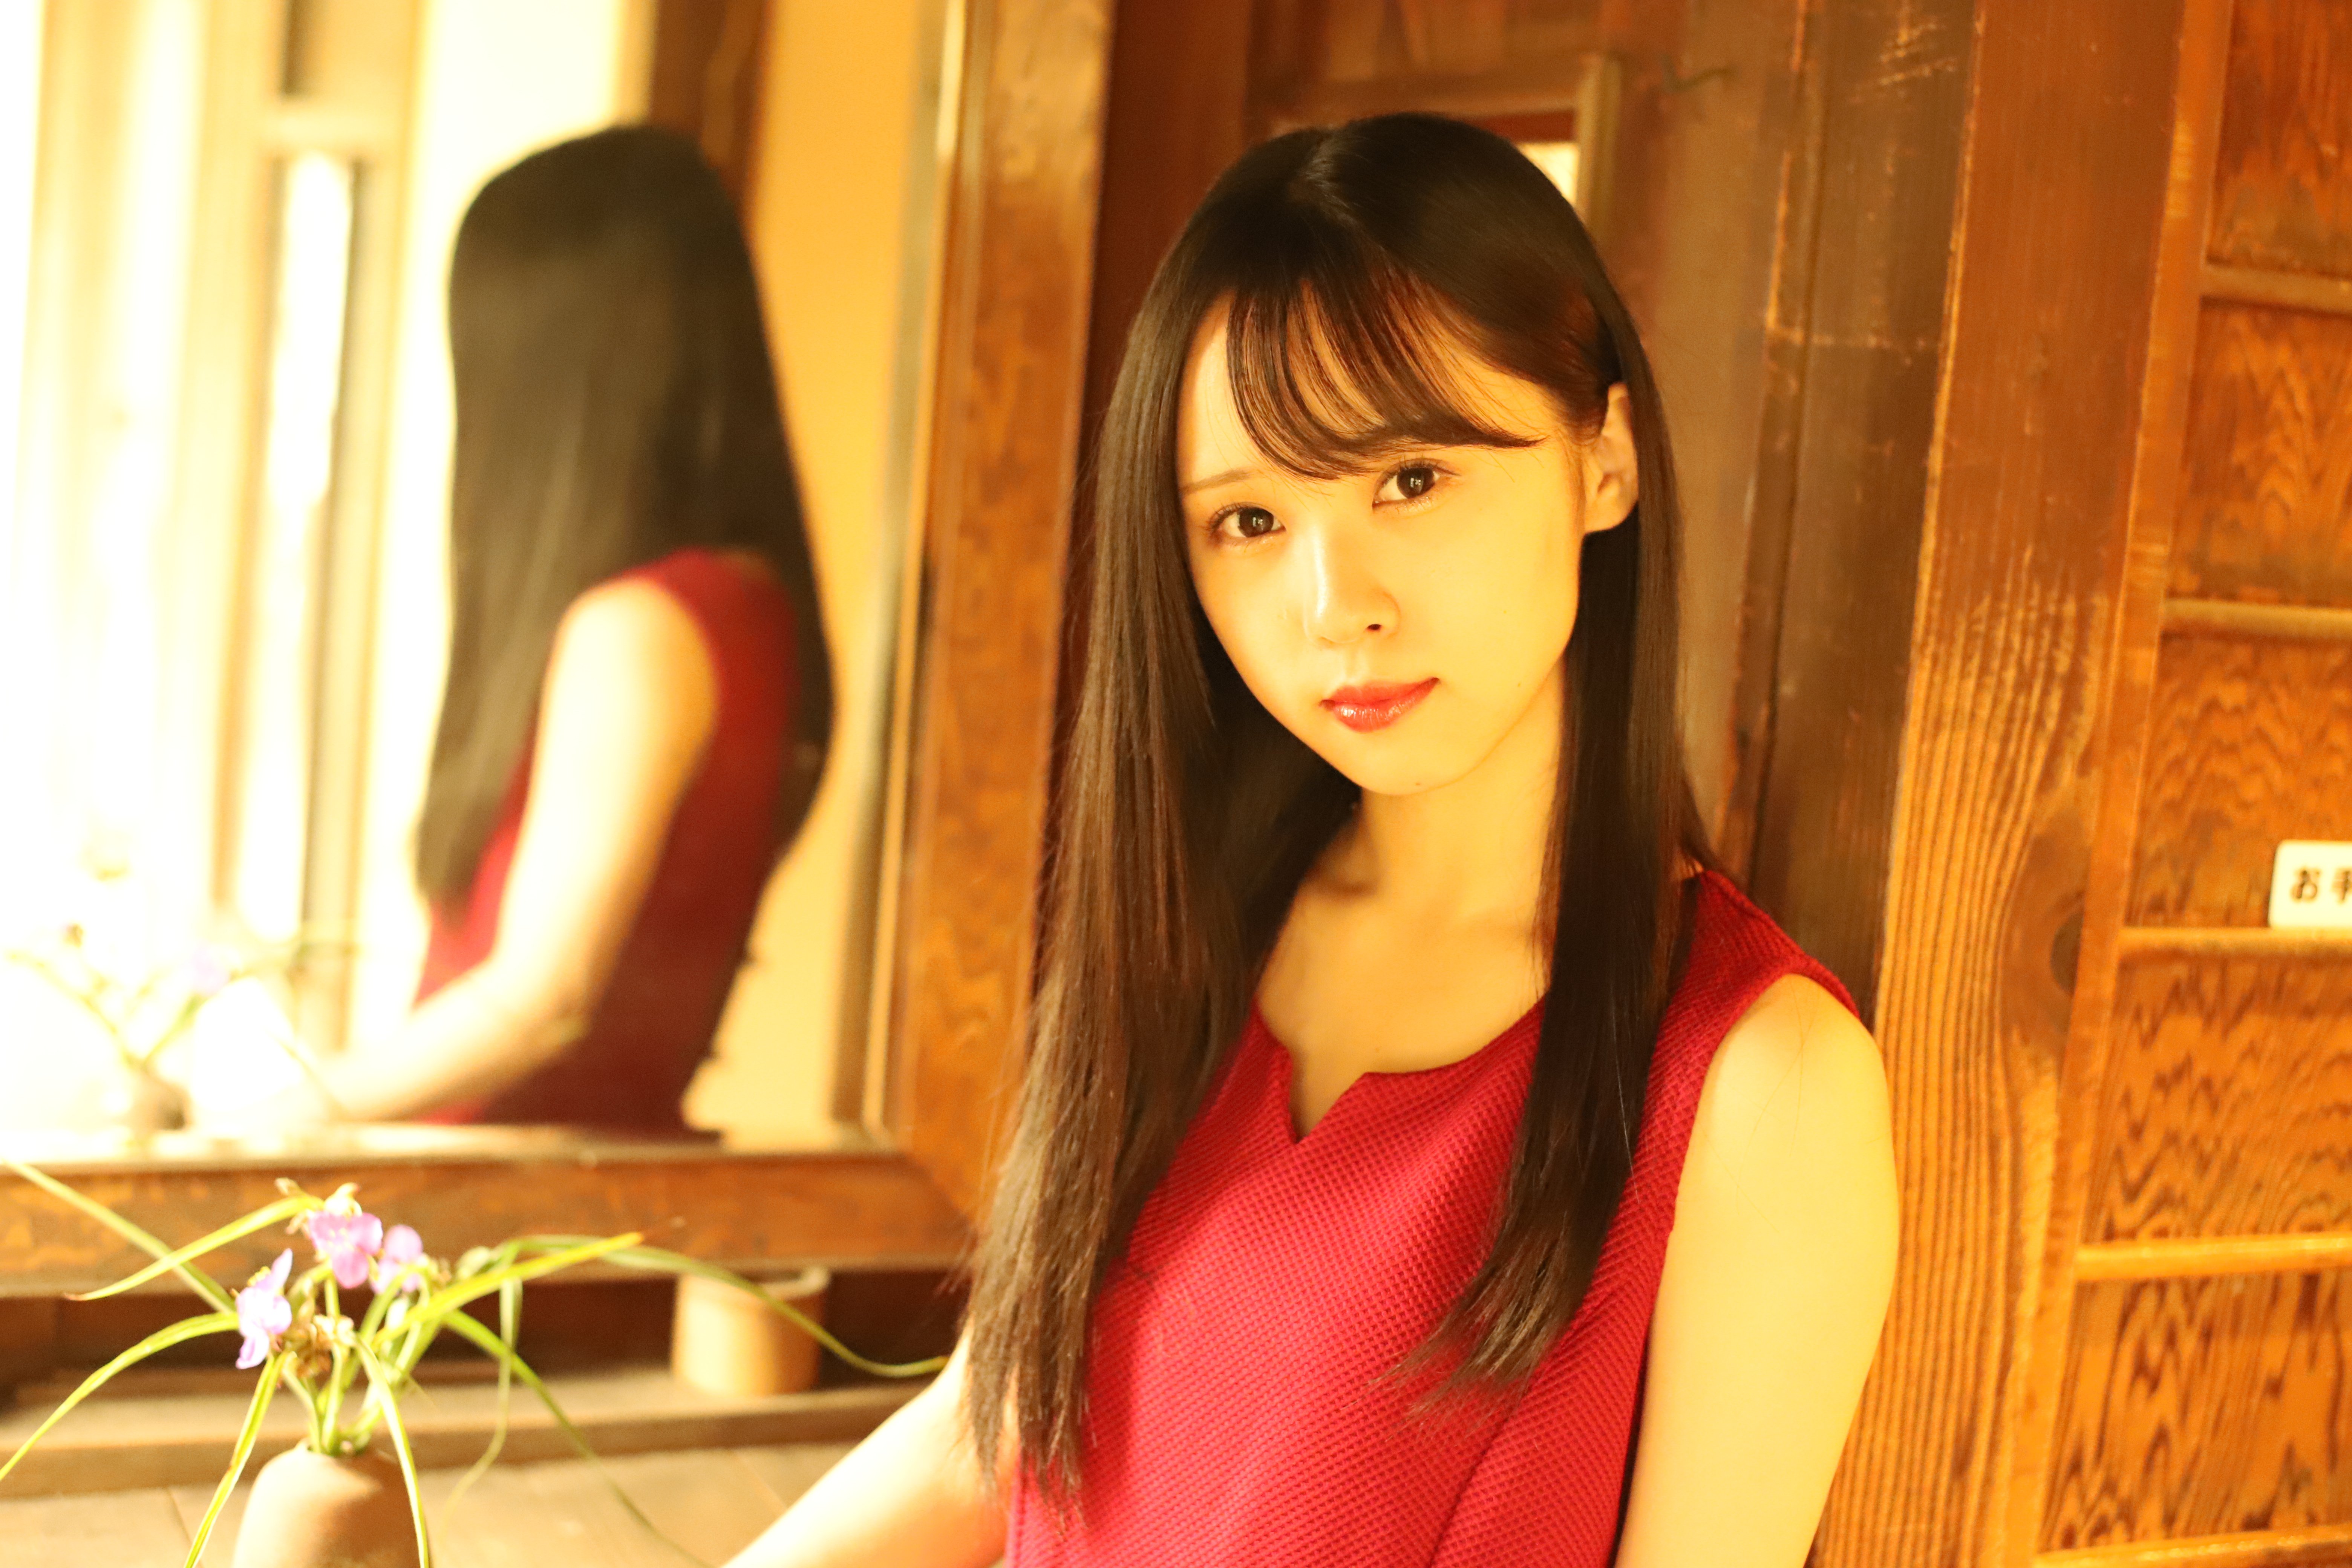 工藤聖奈(Parfait) 2019年4月放送予定『猫王国のドナちゃん/九藏喵窩』出演決定!